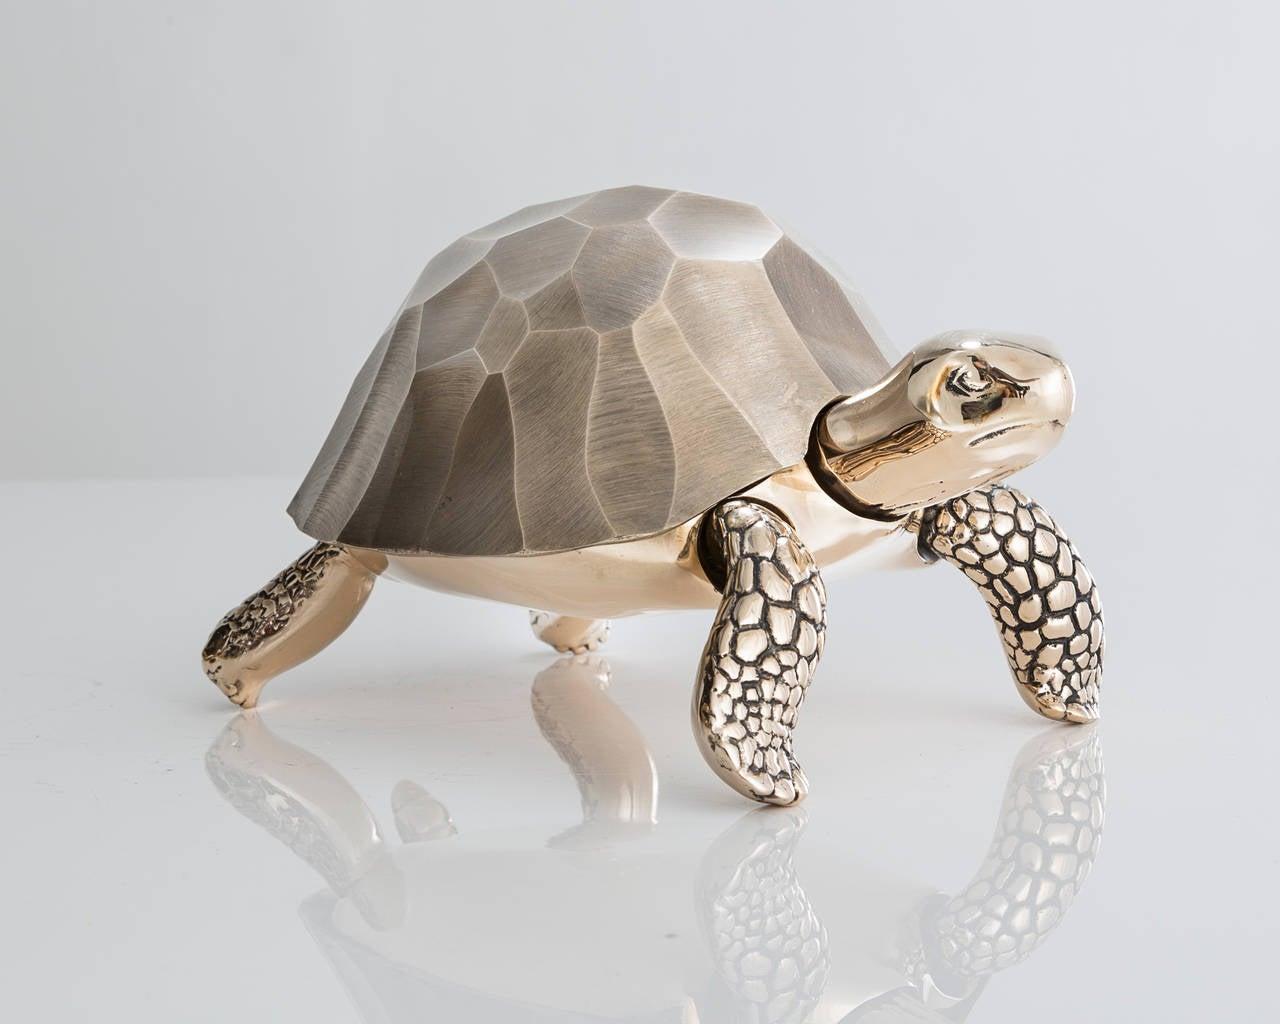 American Unique Bronze Turtle Box by David Wiseman, 2014